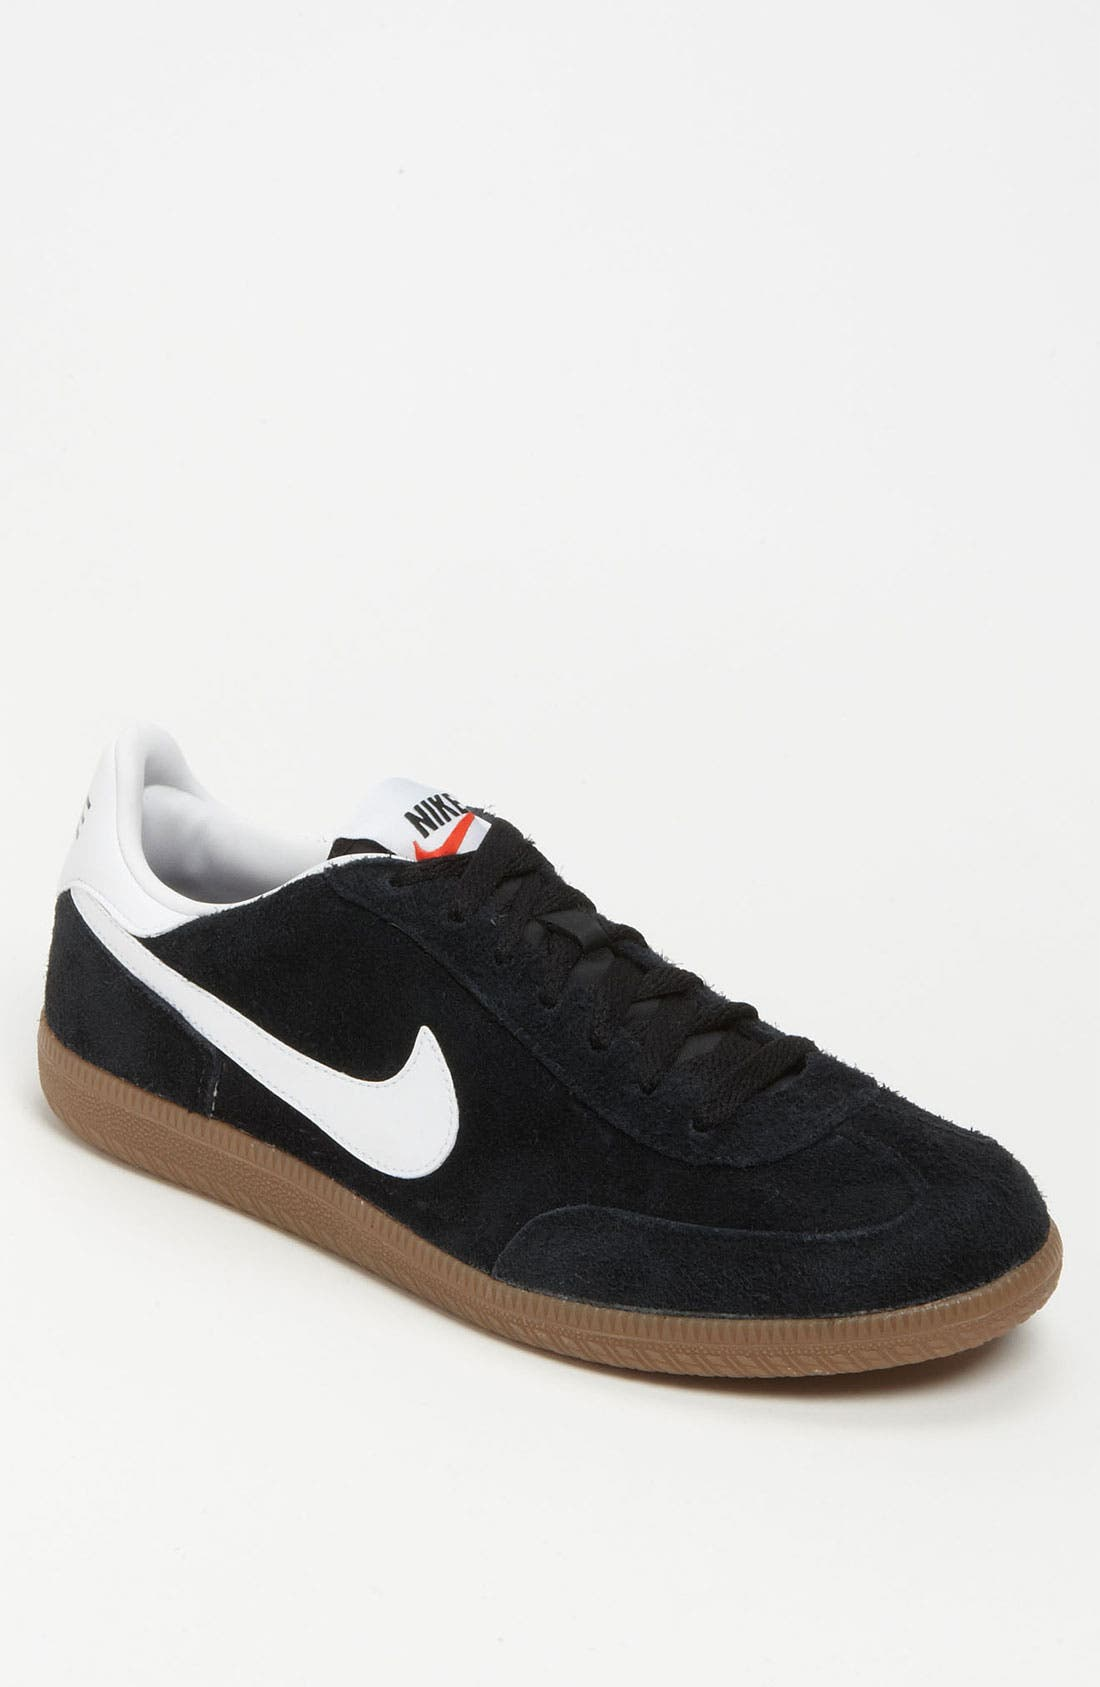 Main Image - Nike 'Cheyenne 2013 OG' Sneaker (Men)